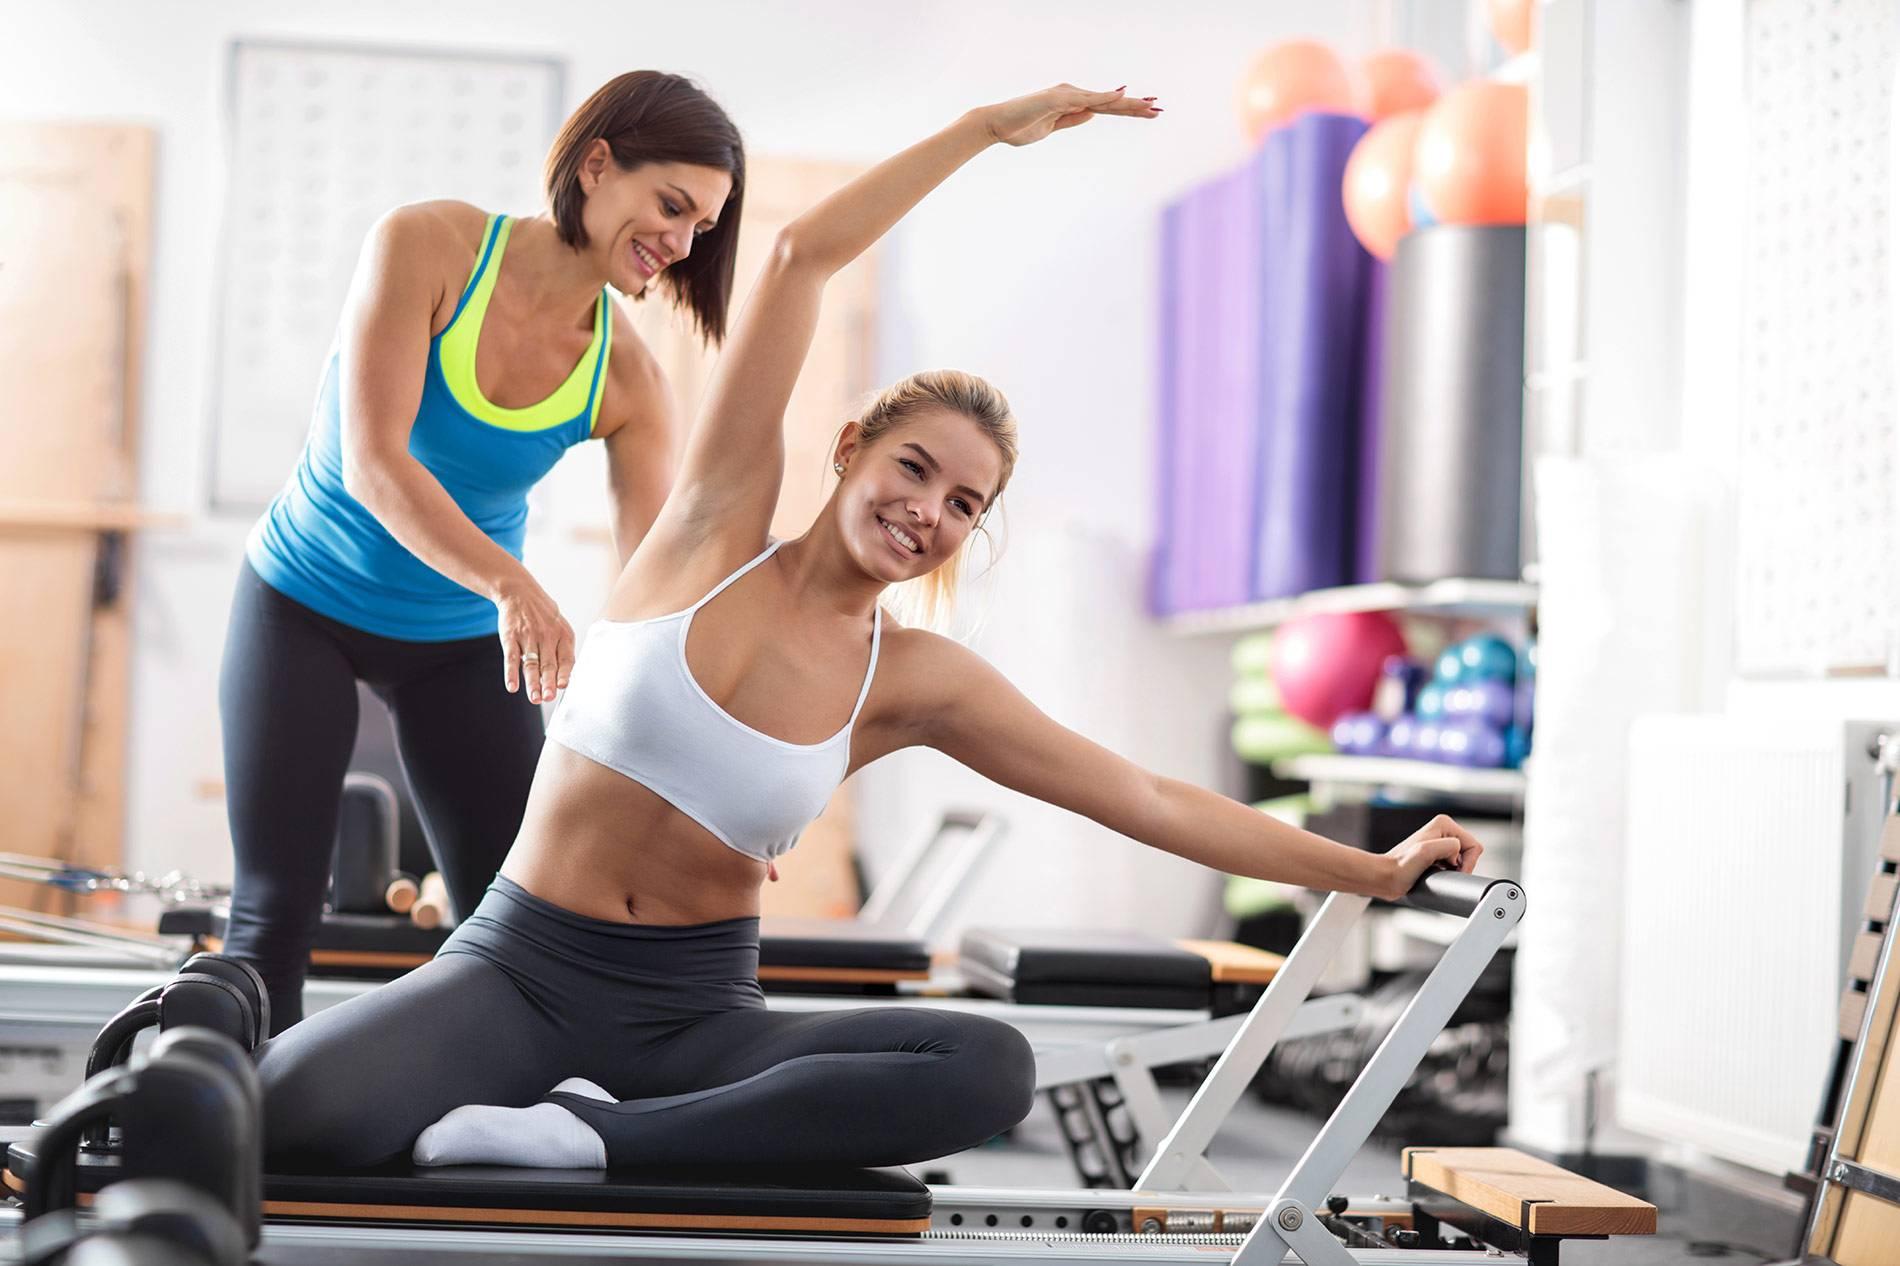 Как похудеть в спортзале женщинам или мужчинам - программа занятий и упражнения для начинающих